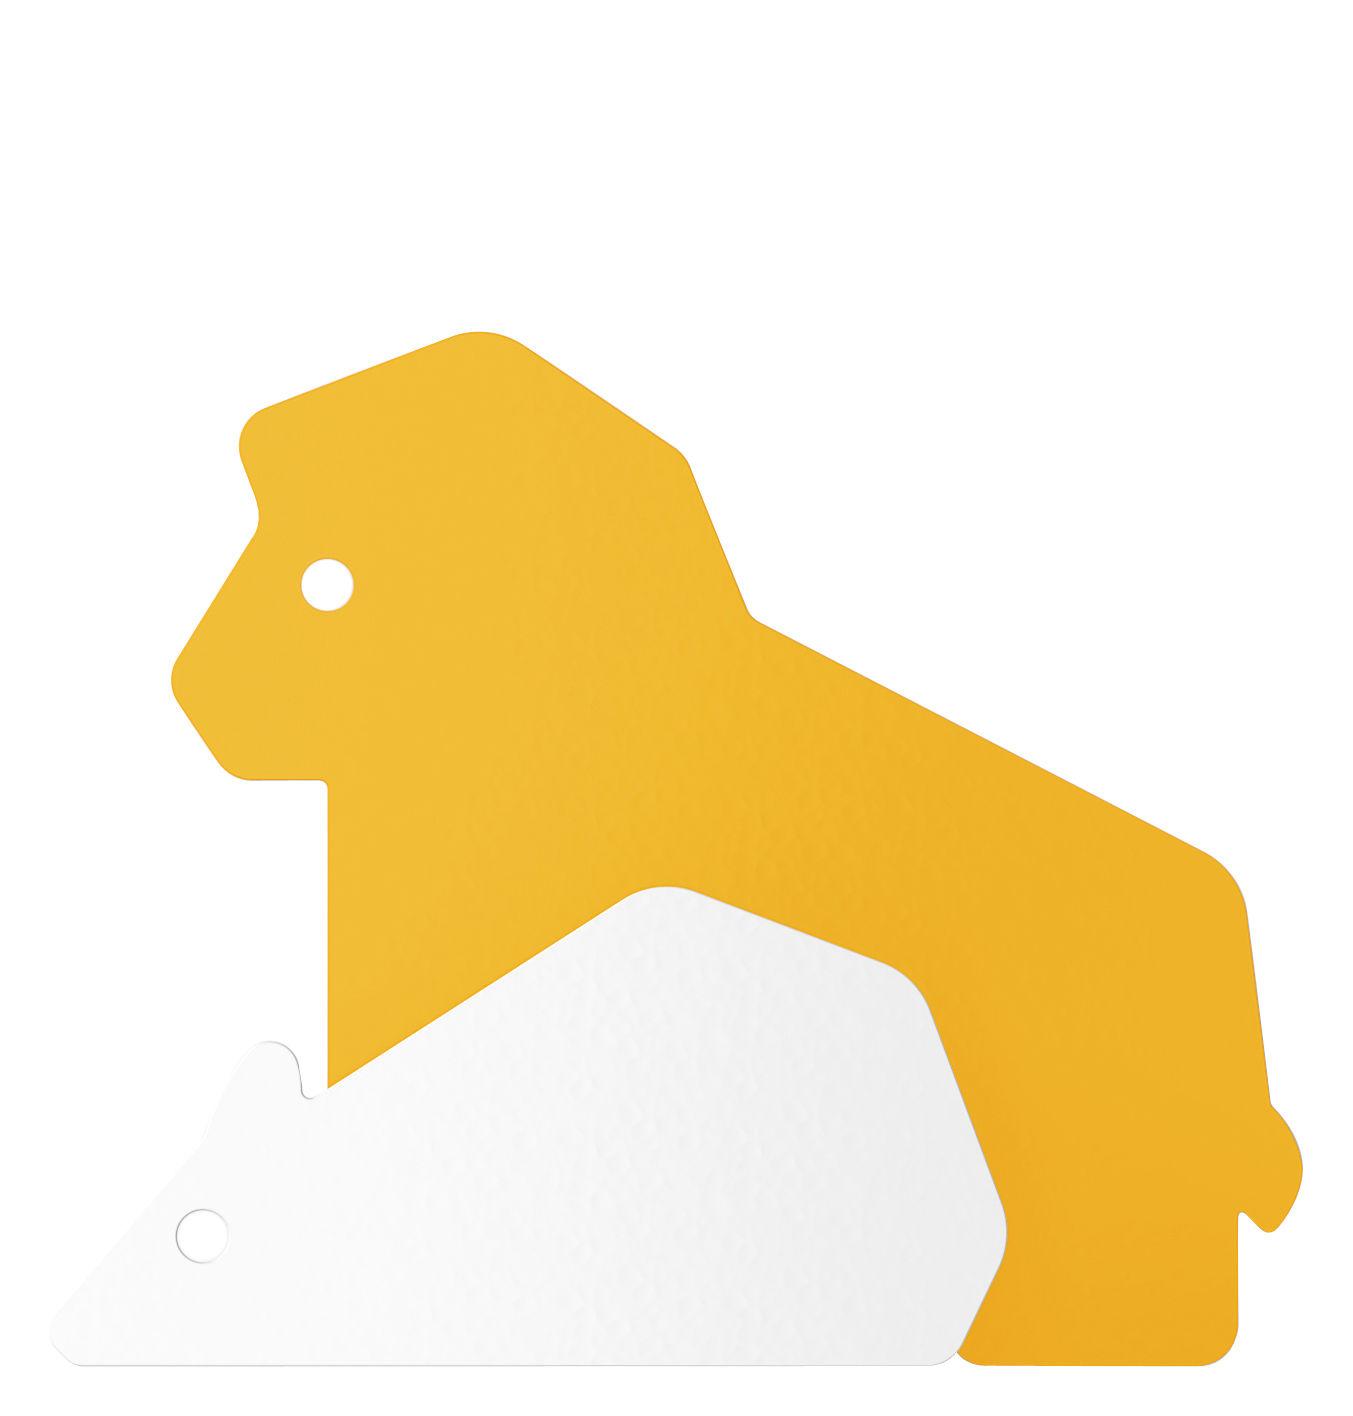 Arredamento - Appendiabiti  - Appendiabiti Le Lion et le Rat di ENOstudio - Leone e topo / Curry - Acciaio verniciato